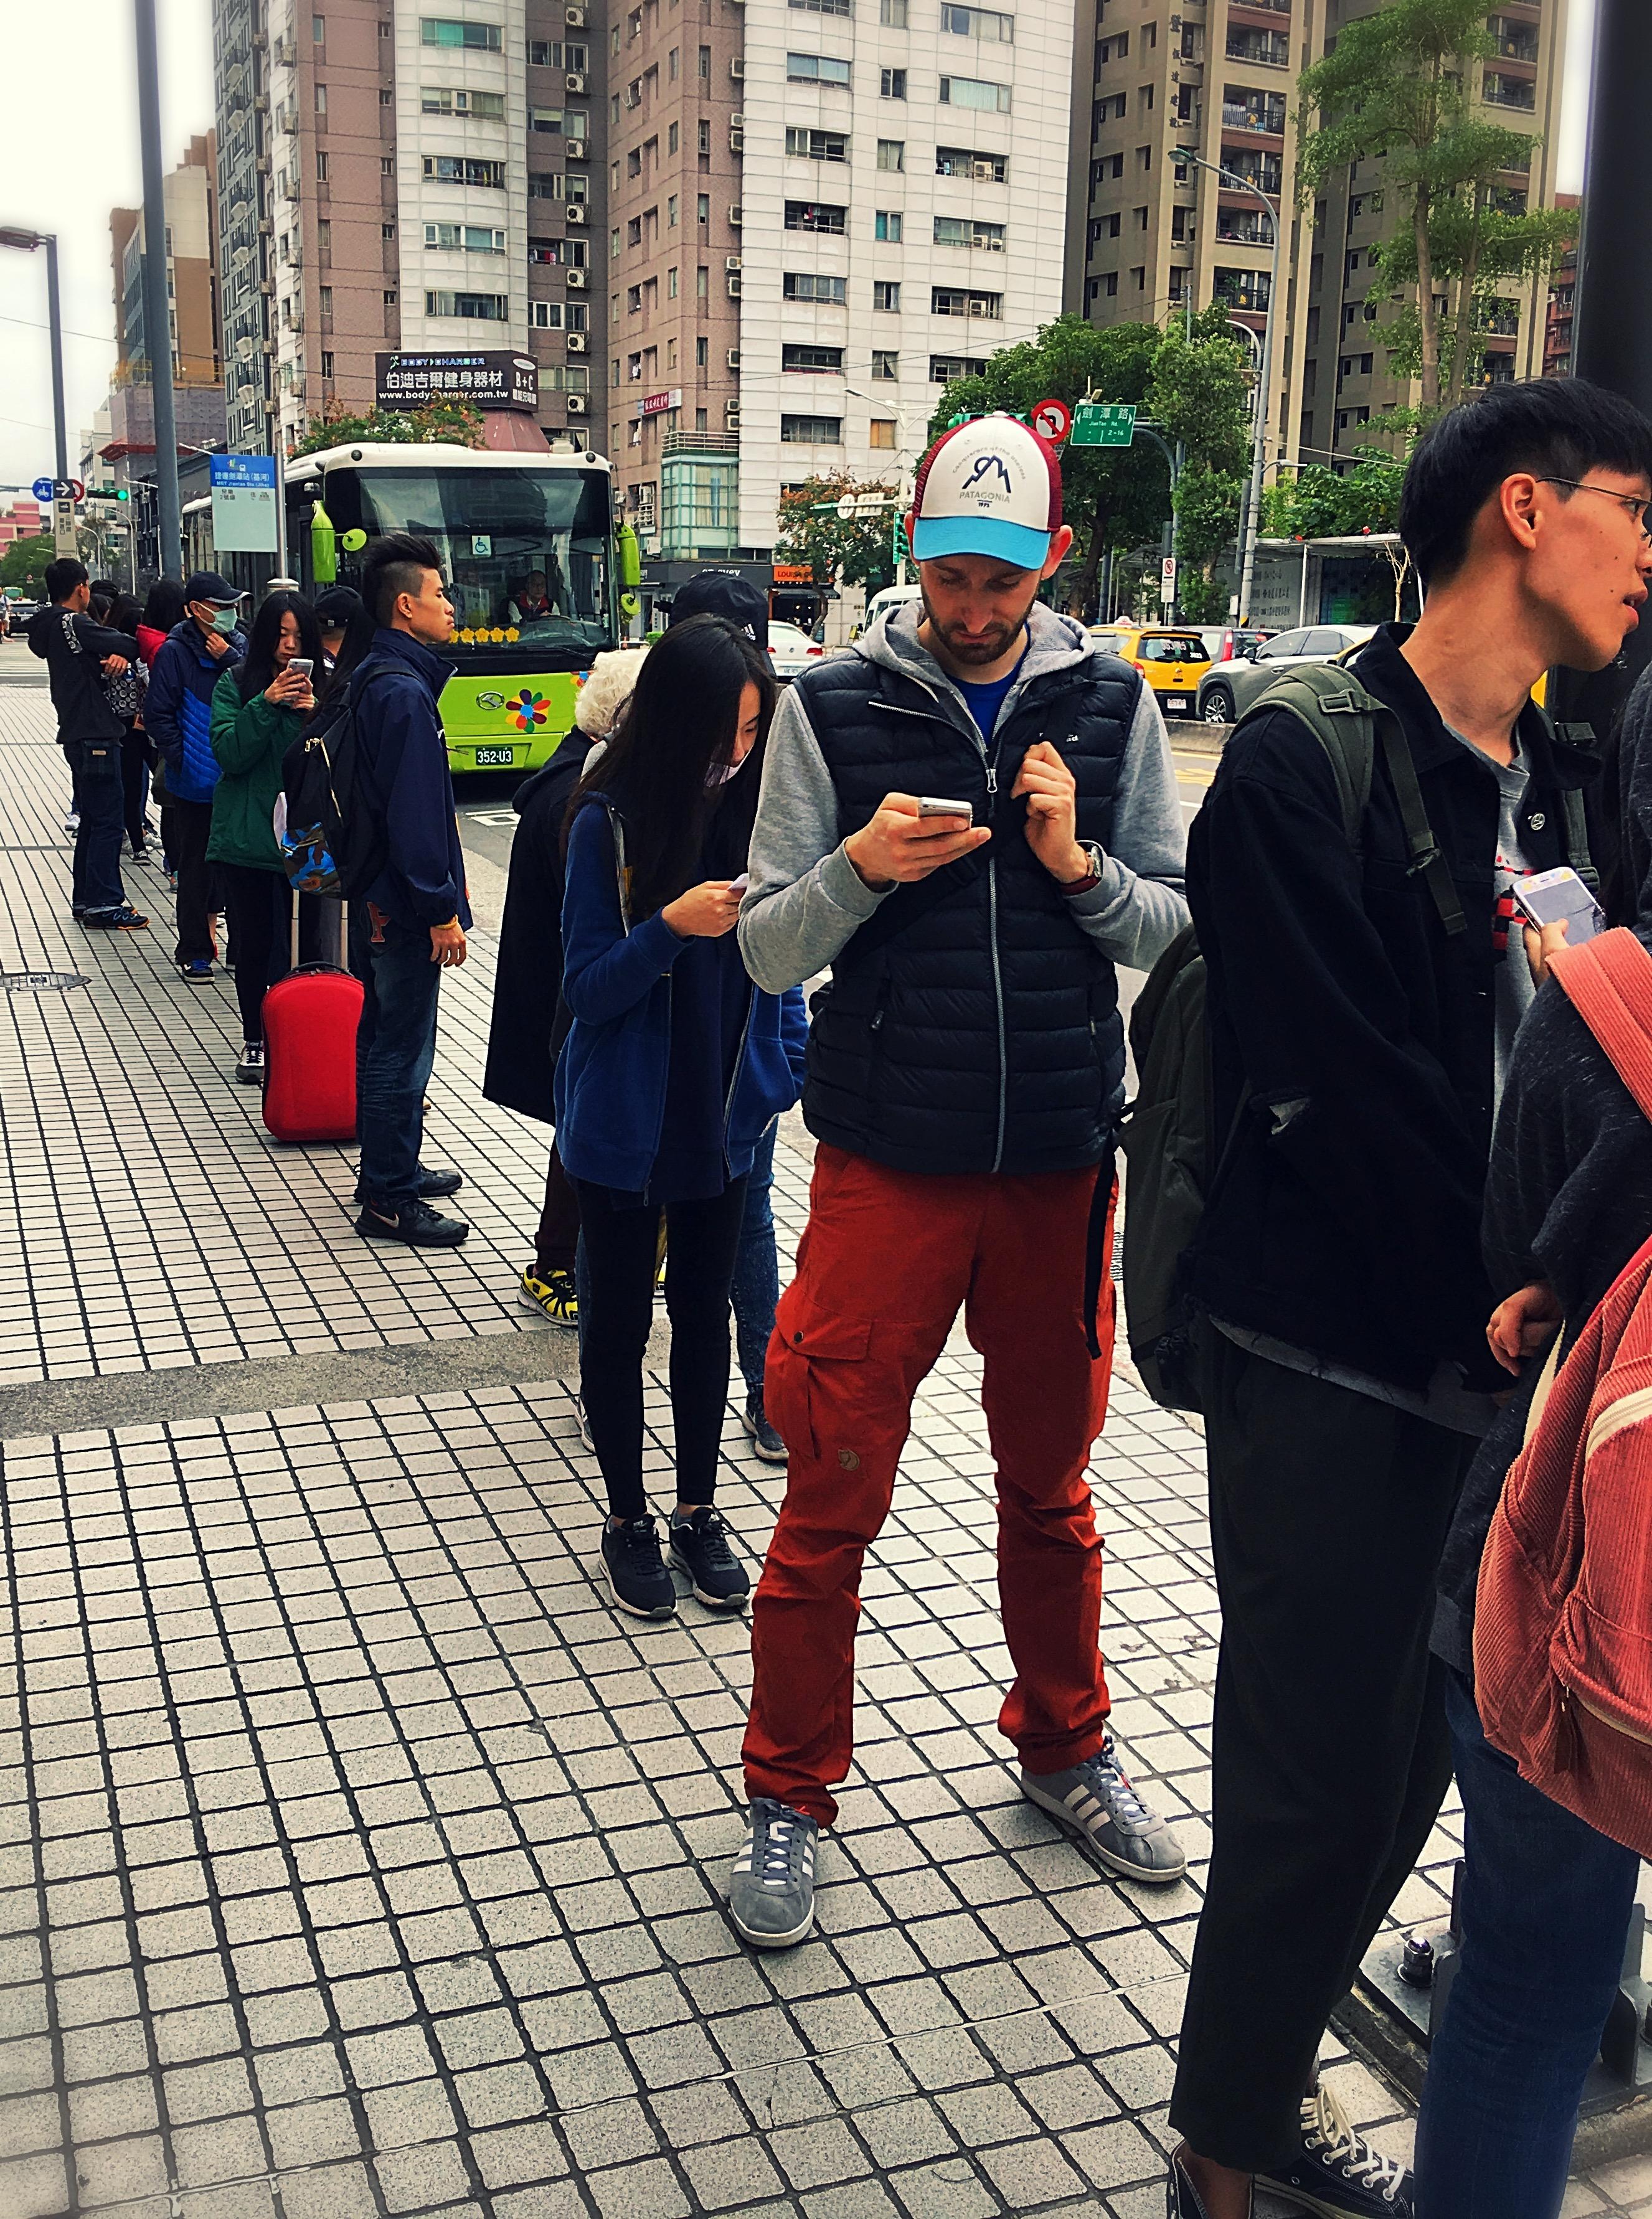 Schlange stehen an der Bushaltestelle